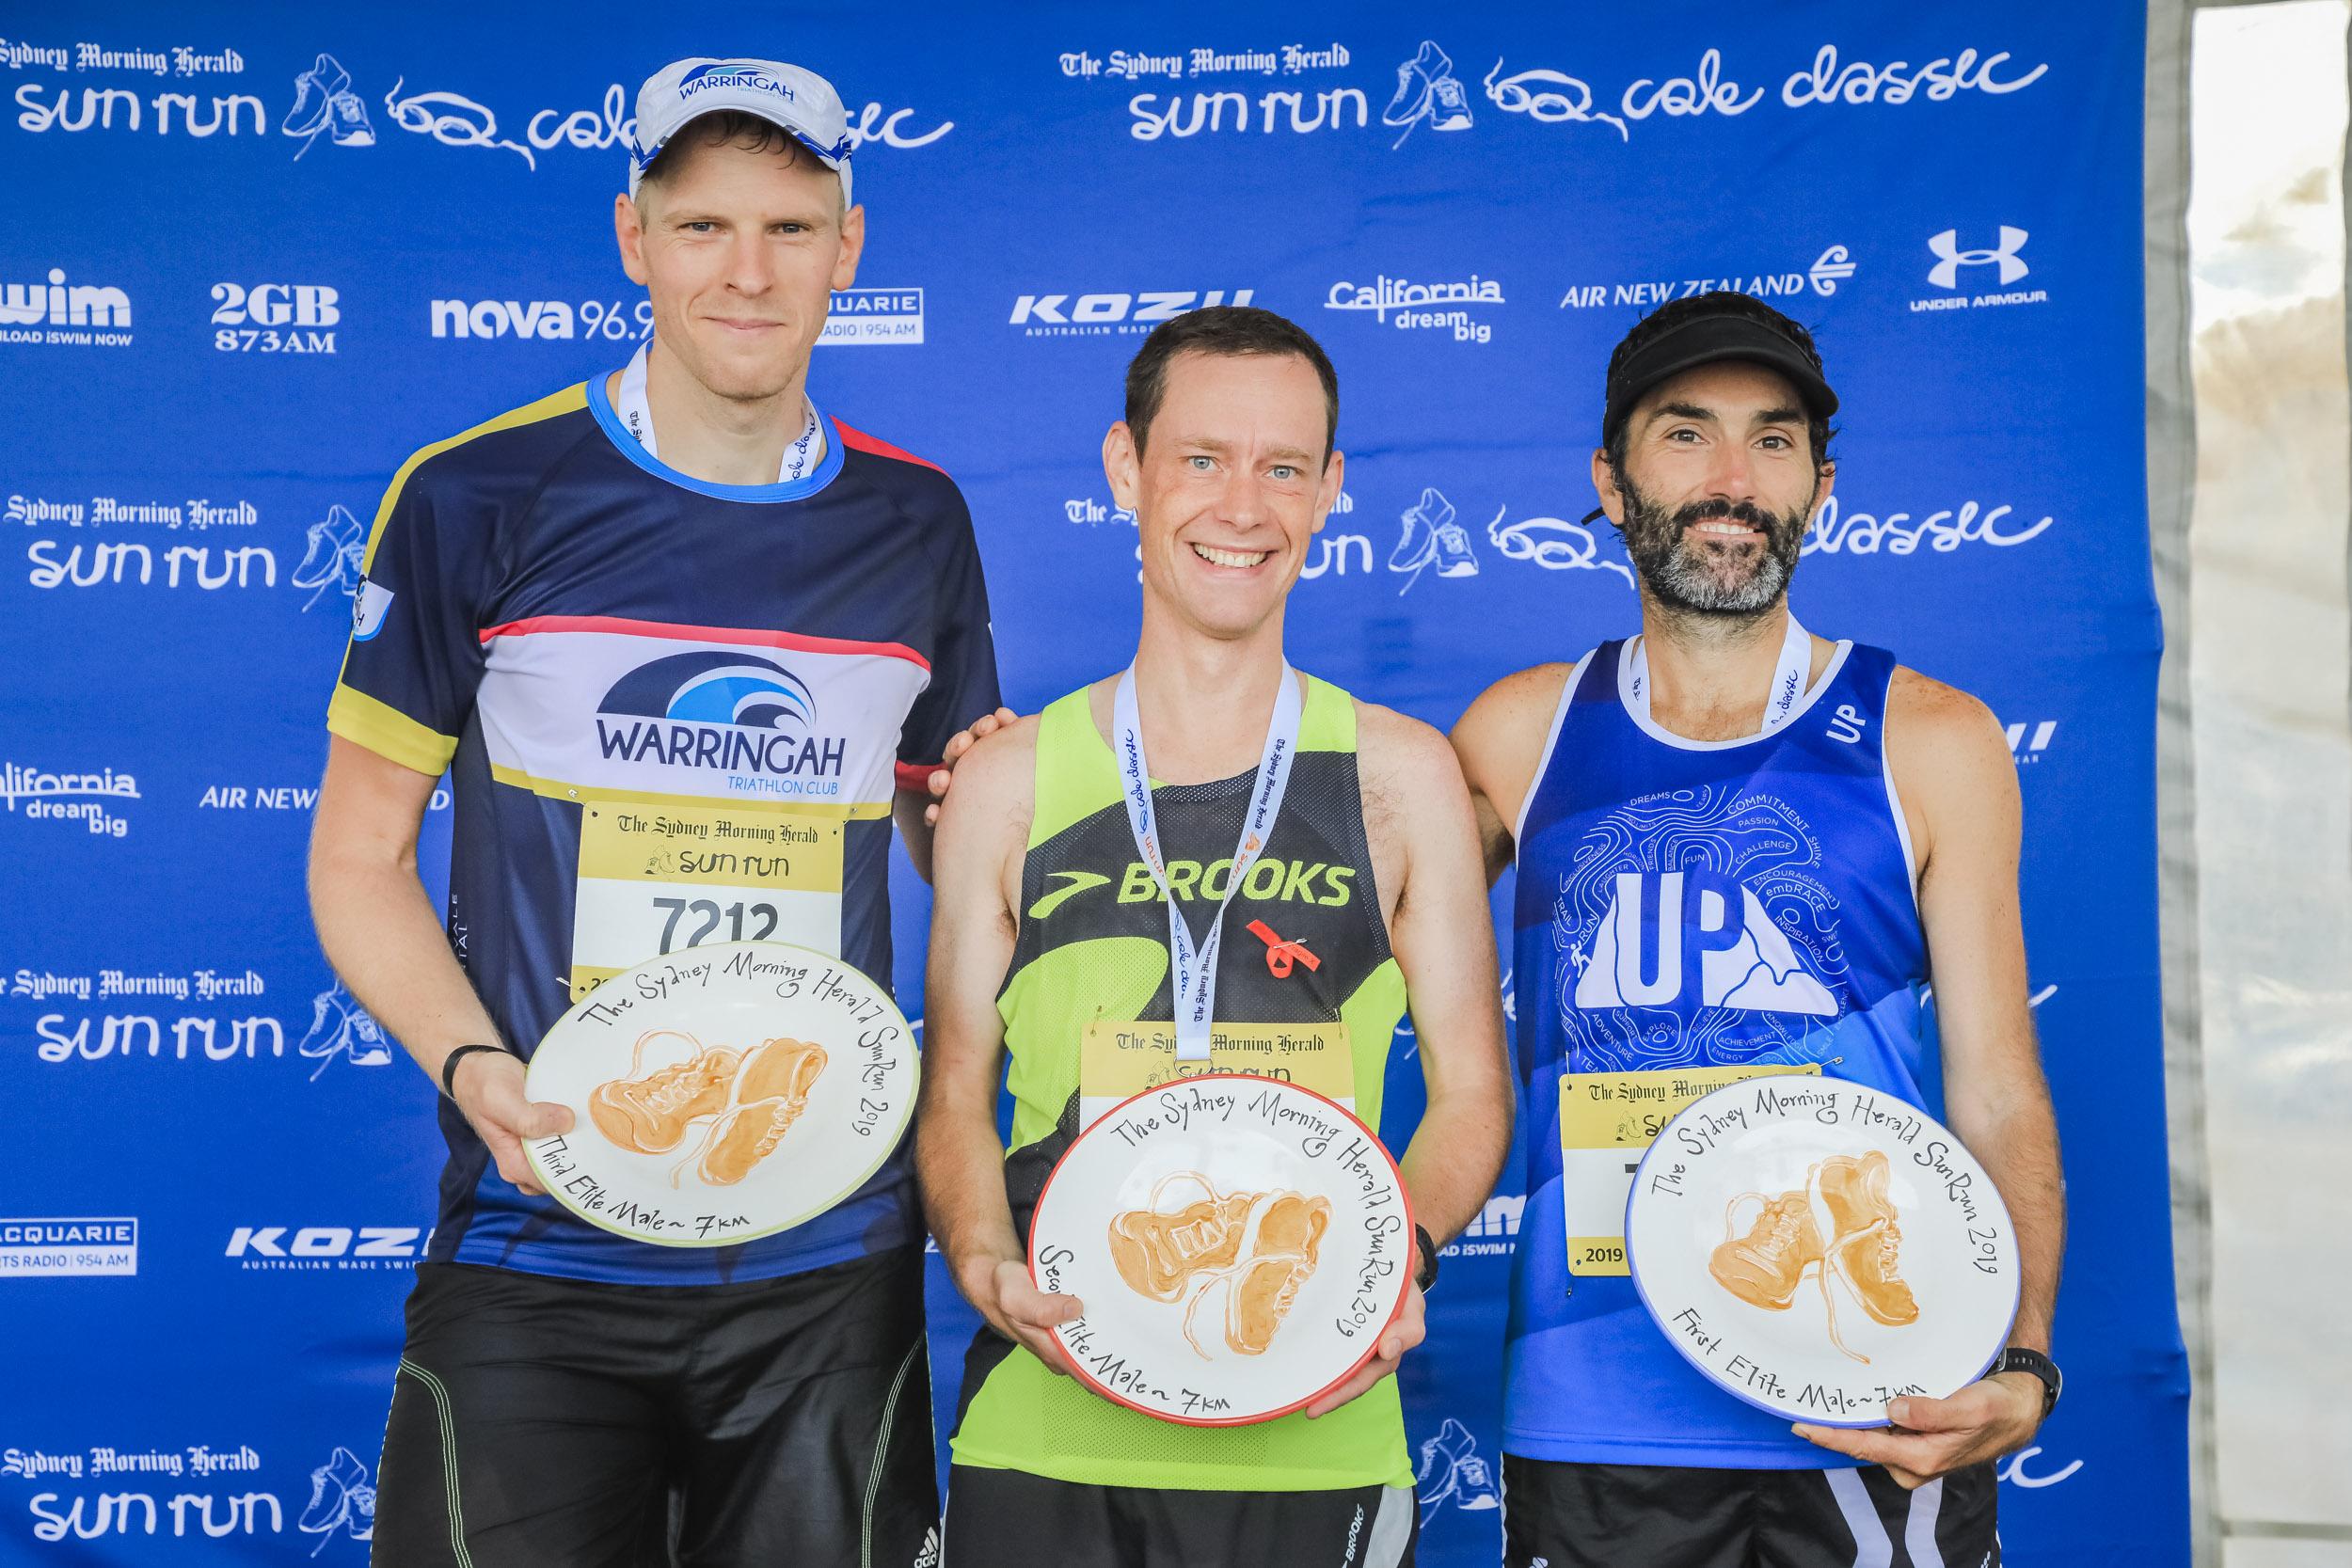 Sydney Morning Herald Sun Run © Salty Dingo 2019 CG-40656.jpg